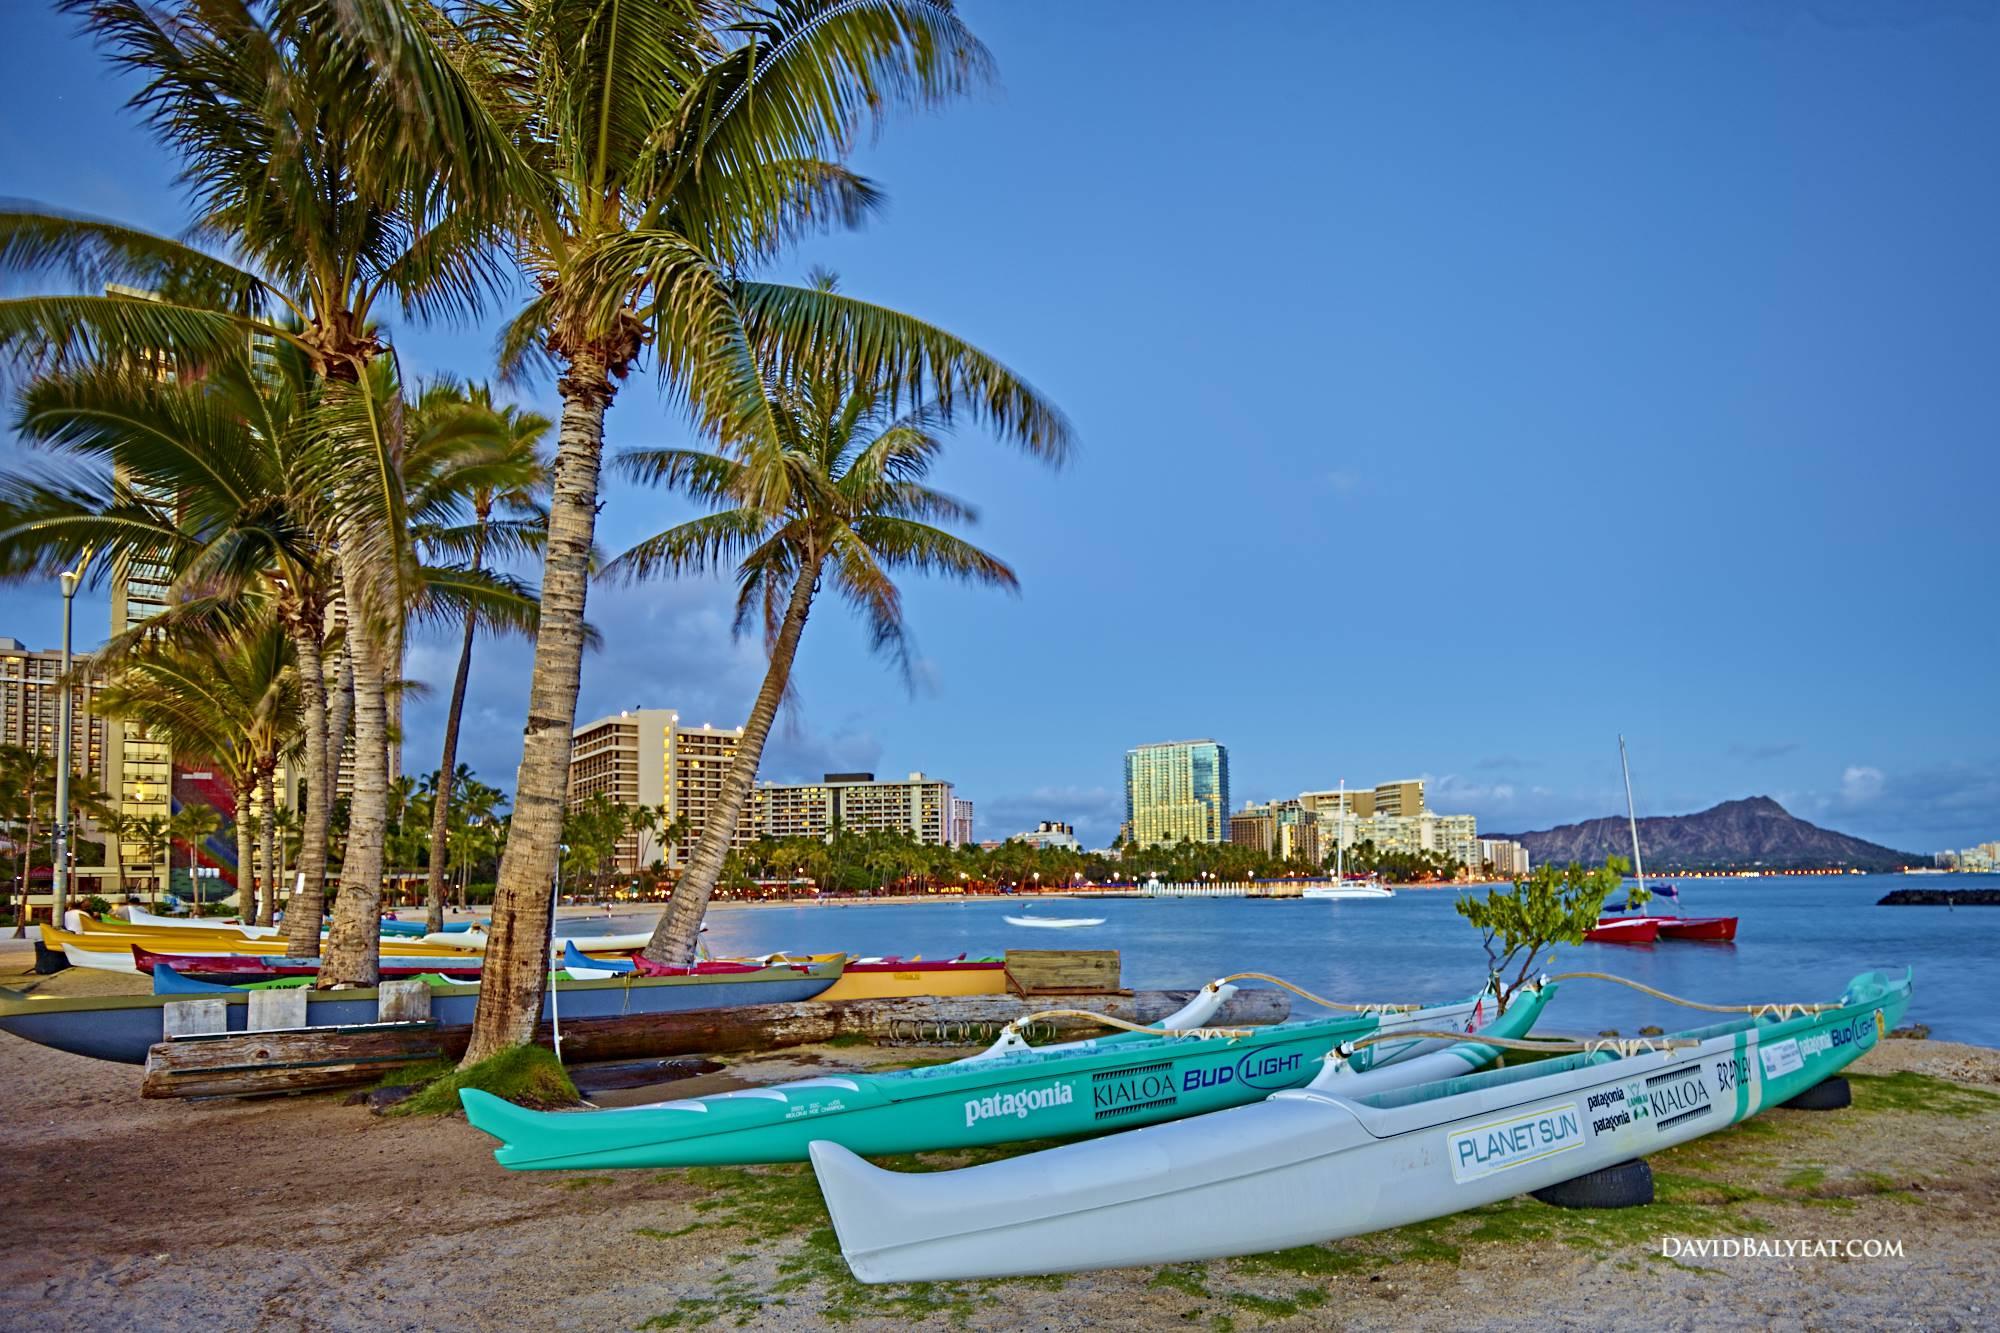 outriggers Waikiki beach Honolulu Hawaii Oahu palm trees hd photography